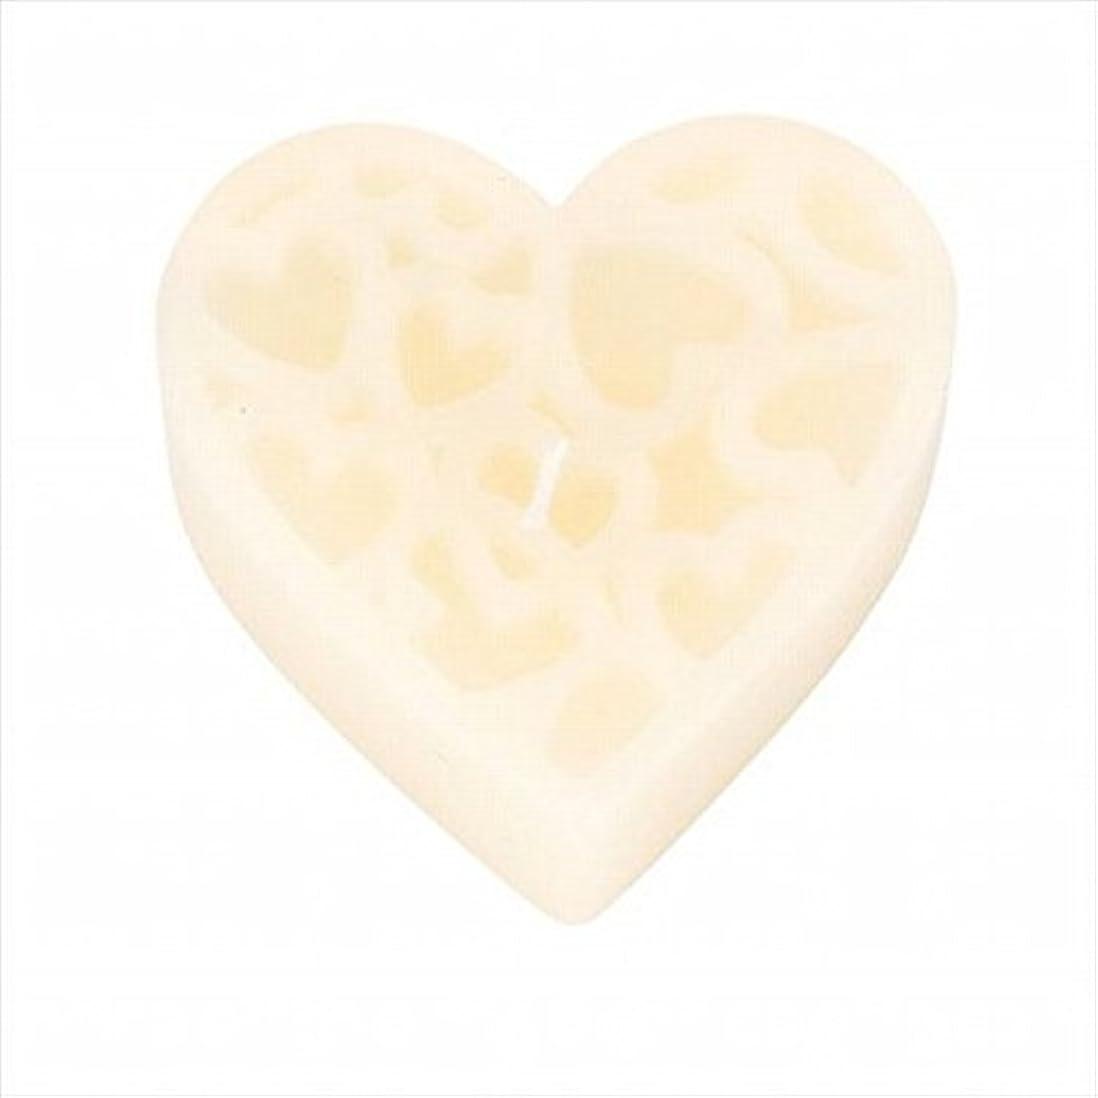 手荷物わずらわしい寛容なkameyama candle(カメヤマキャンドル) モンクール 「 アイボリー 」(A6710500IV)